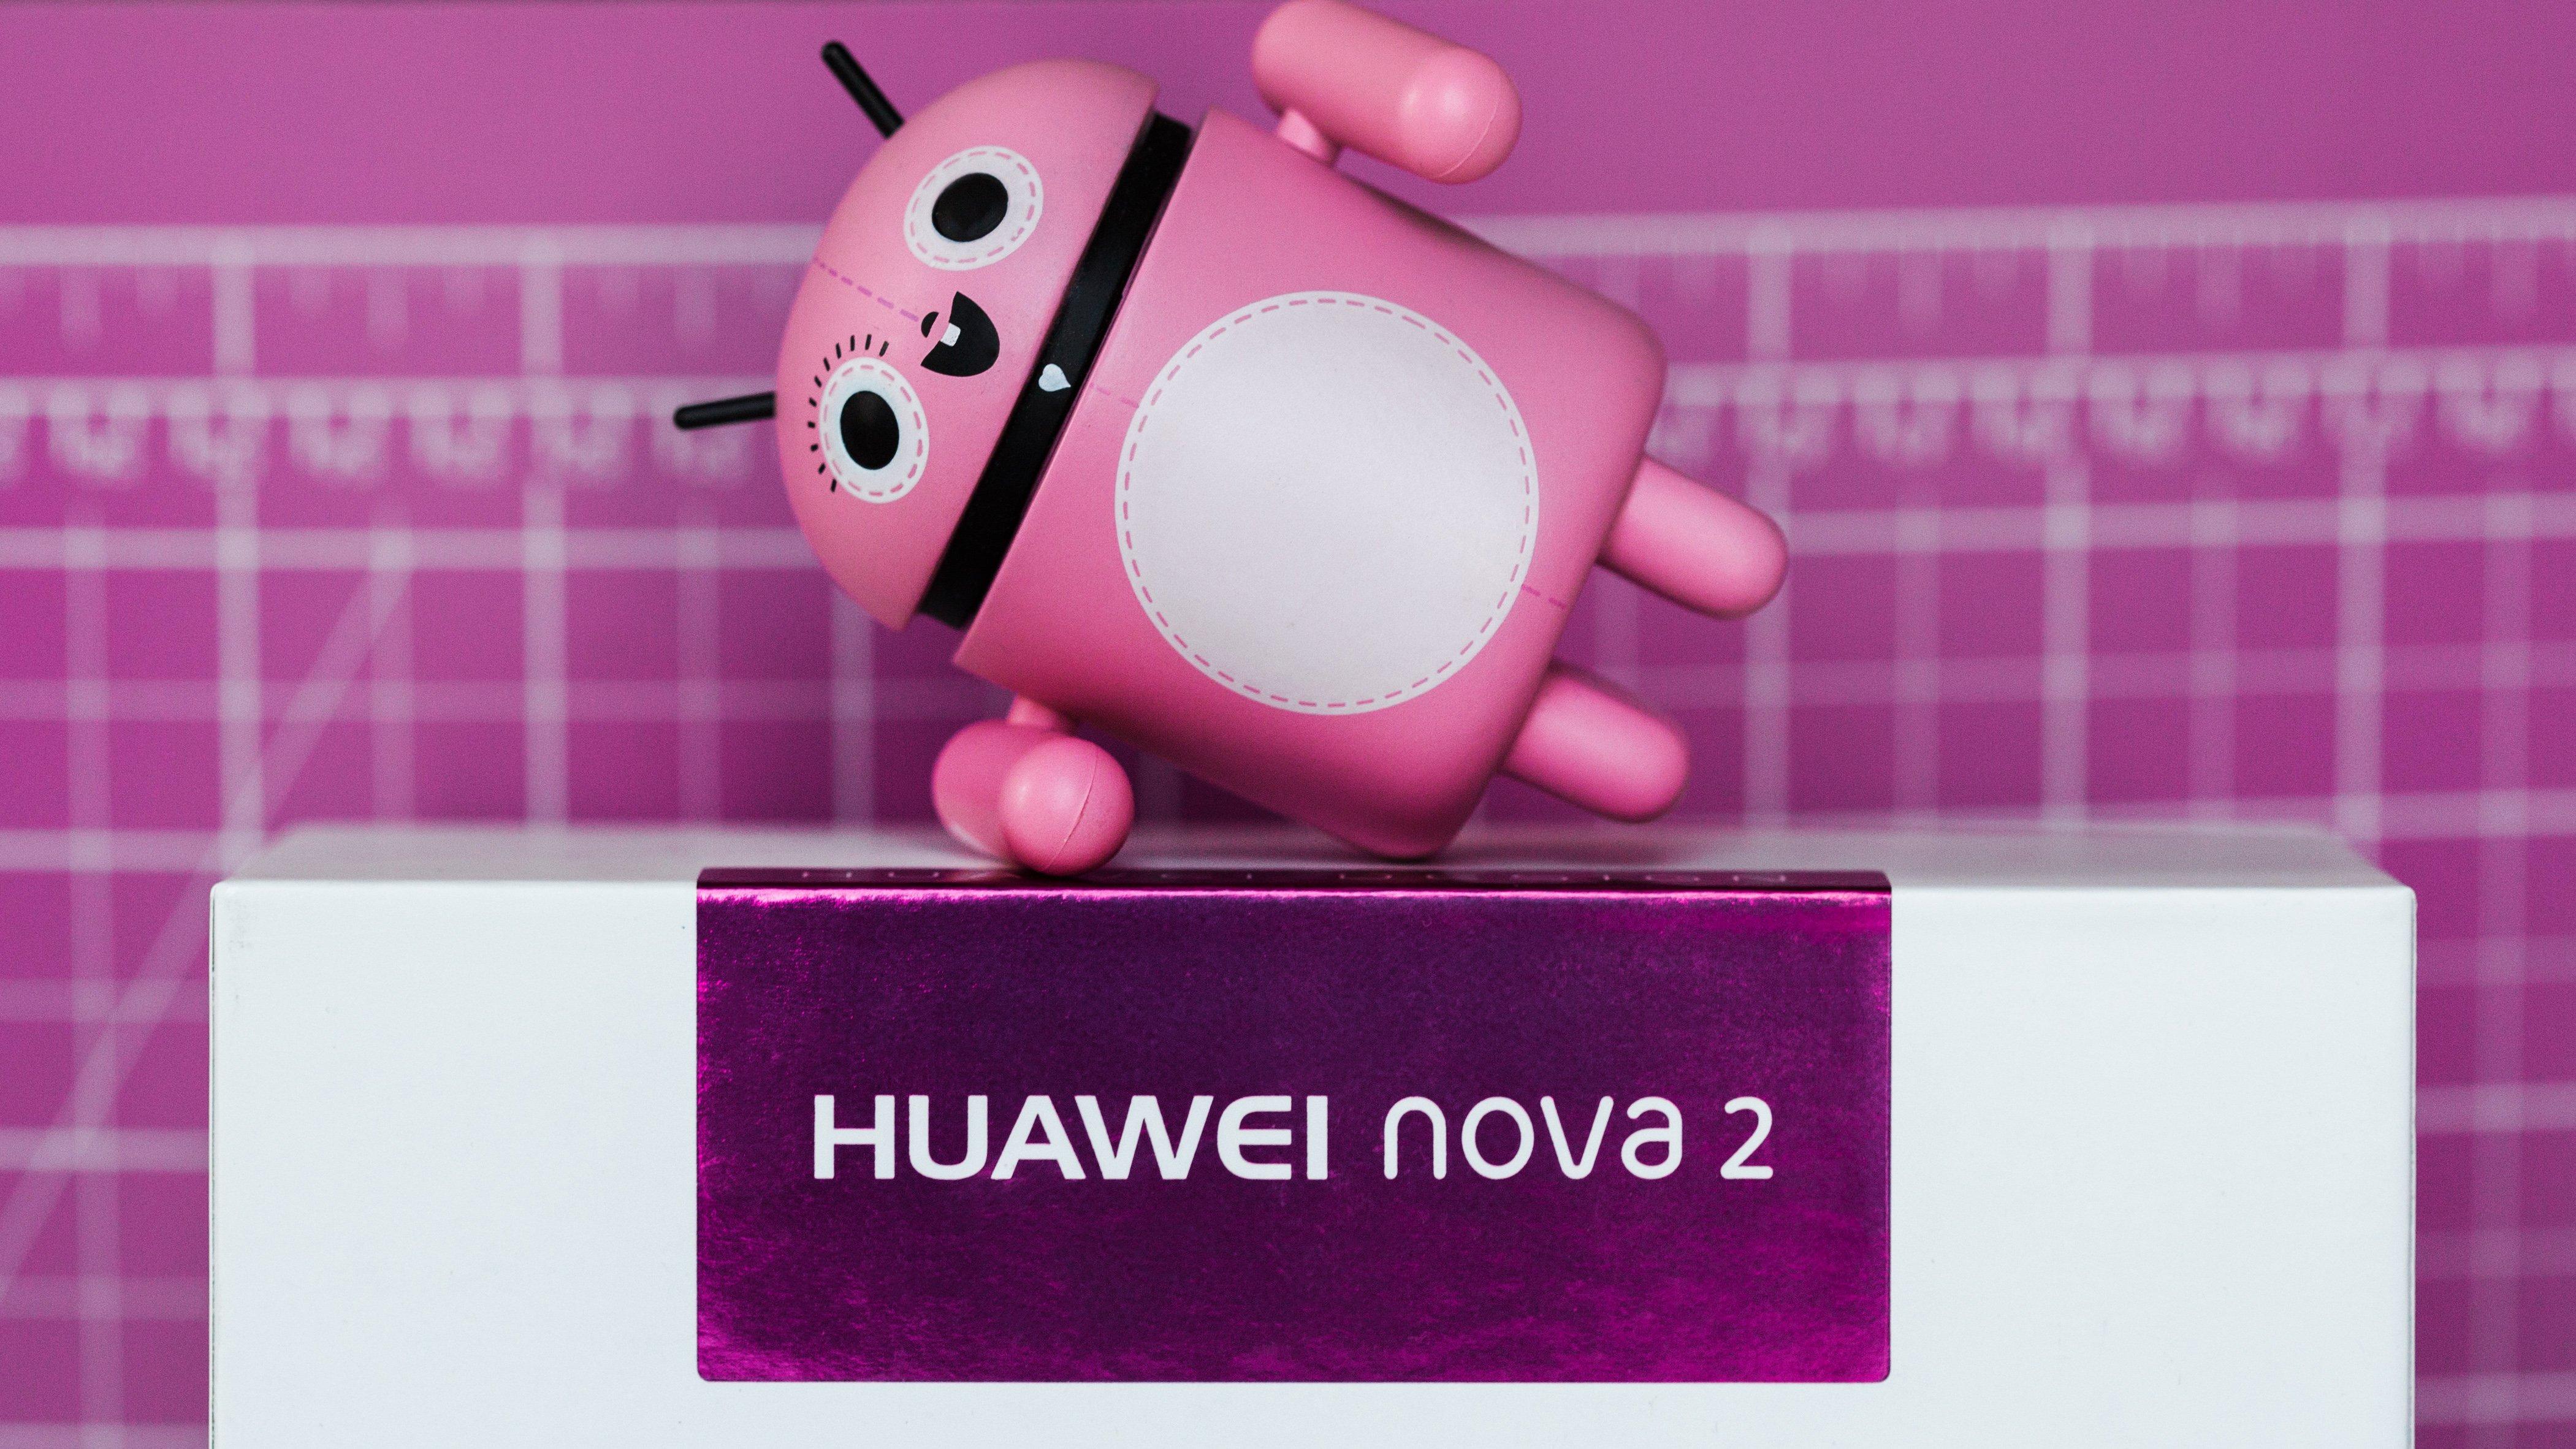 huawei nova 2 android